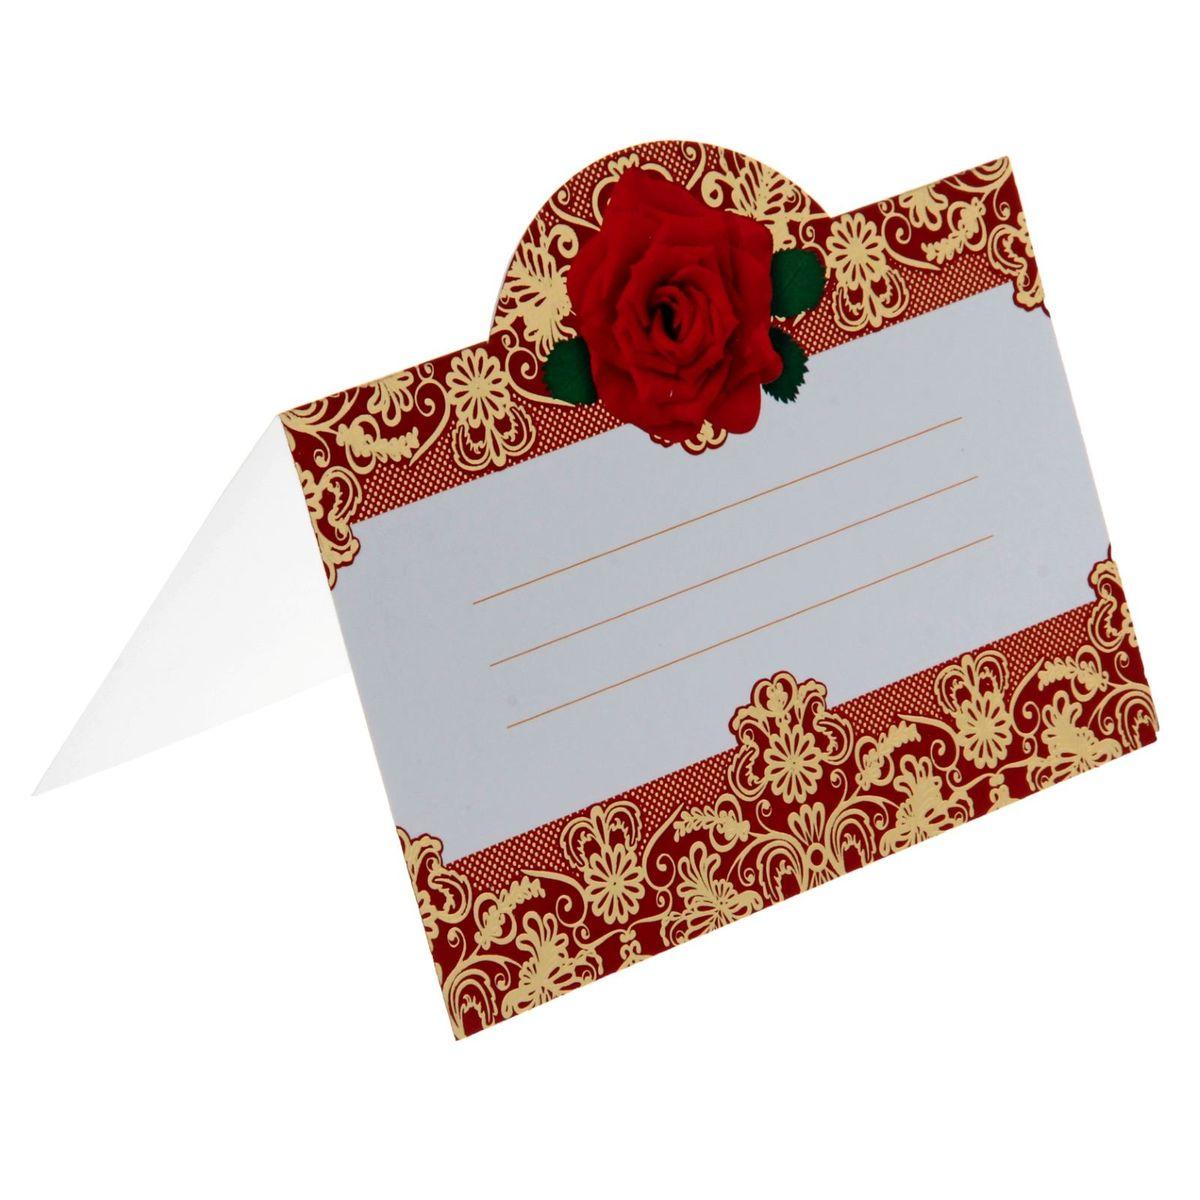 Русский дизайн Банкетная карточка, рисунок - красная роза, цвет красно-золотой